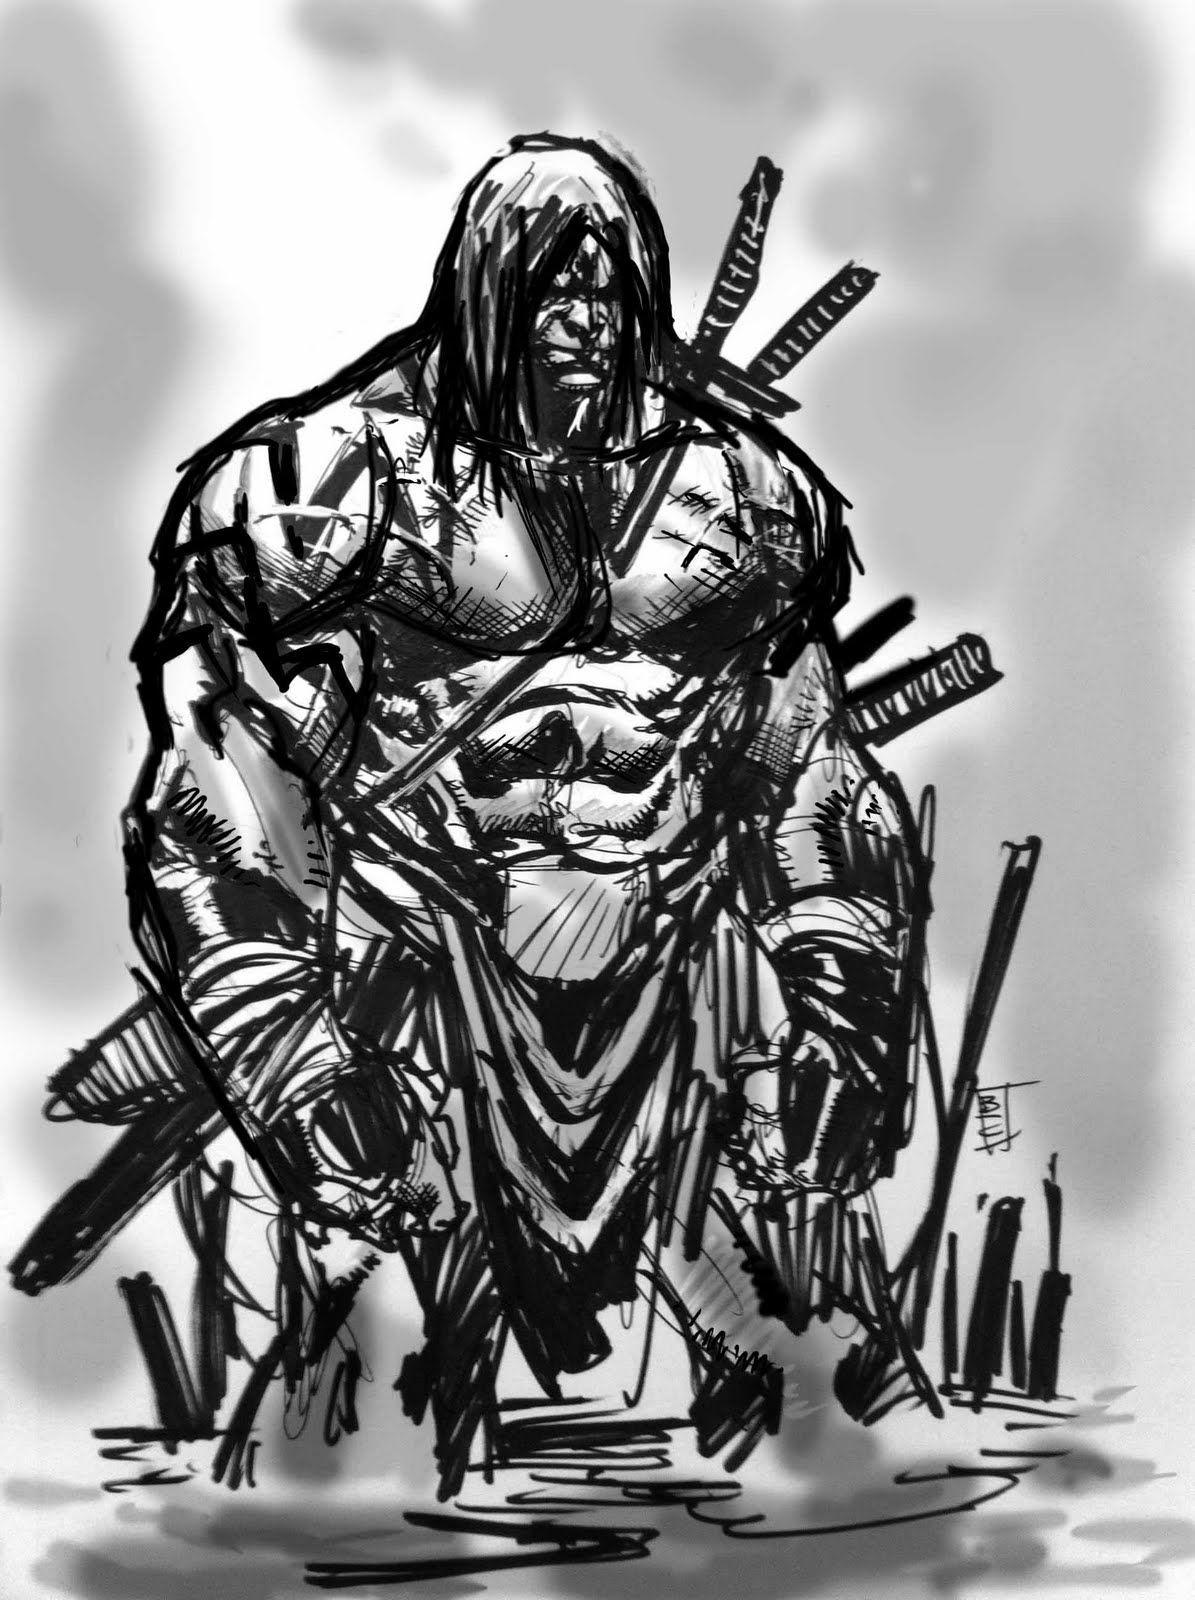 Skaar, son of Hulk http://4.bp.blogspot.com/_8EqXewRECwo/TOG9o7UJTUI/AAAAAAAAAXg/YN-rtyibPZA/s1600/skaar.jpg